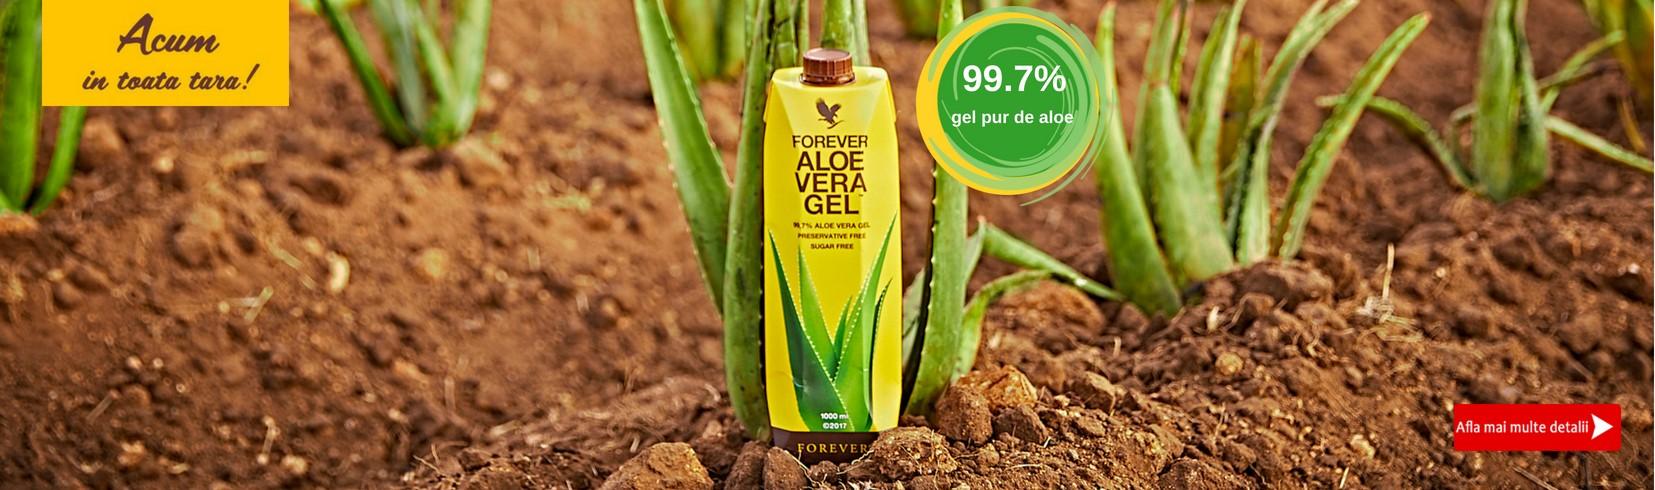 Cu 99,7% gel din interiorul frunzei, noul Forever Aloe Vera Gel este mai aproape de natura ca niciodata.  Fara conservanti artificiali, fara zahar – doar mai multa Aloe vera de care sa te bucuri din plin